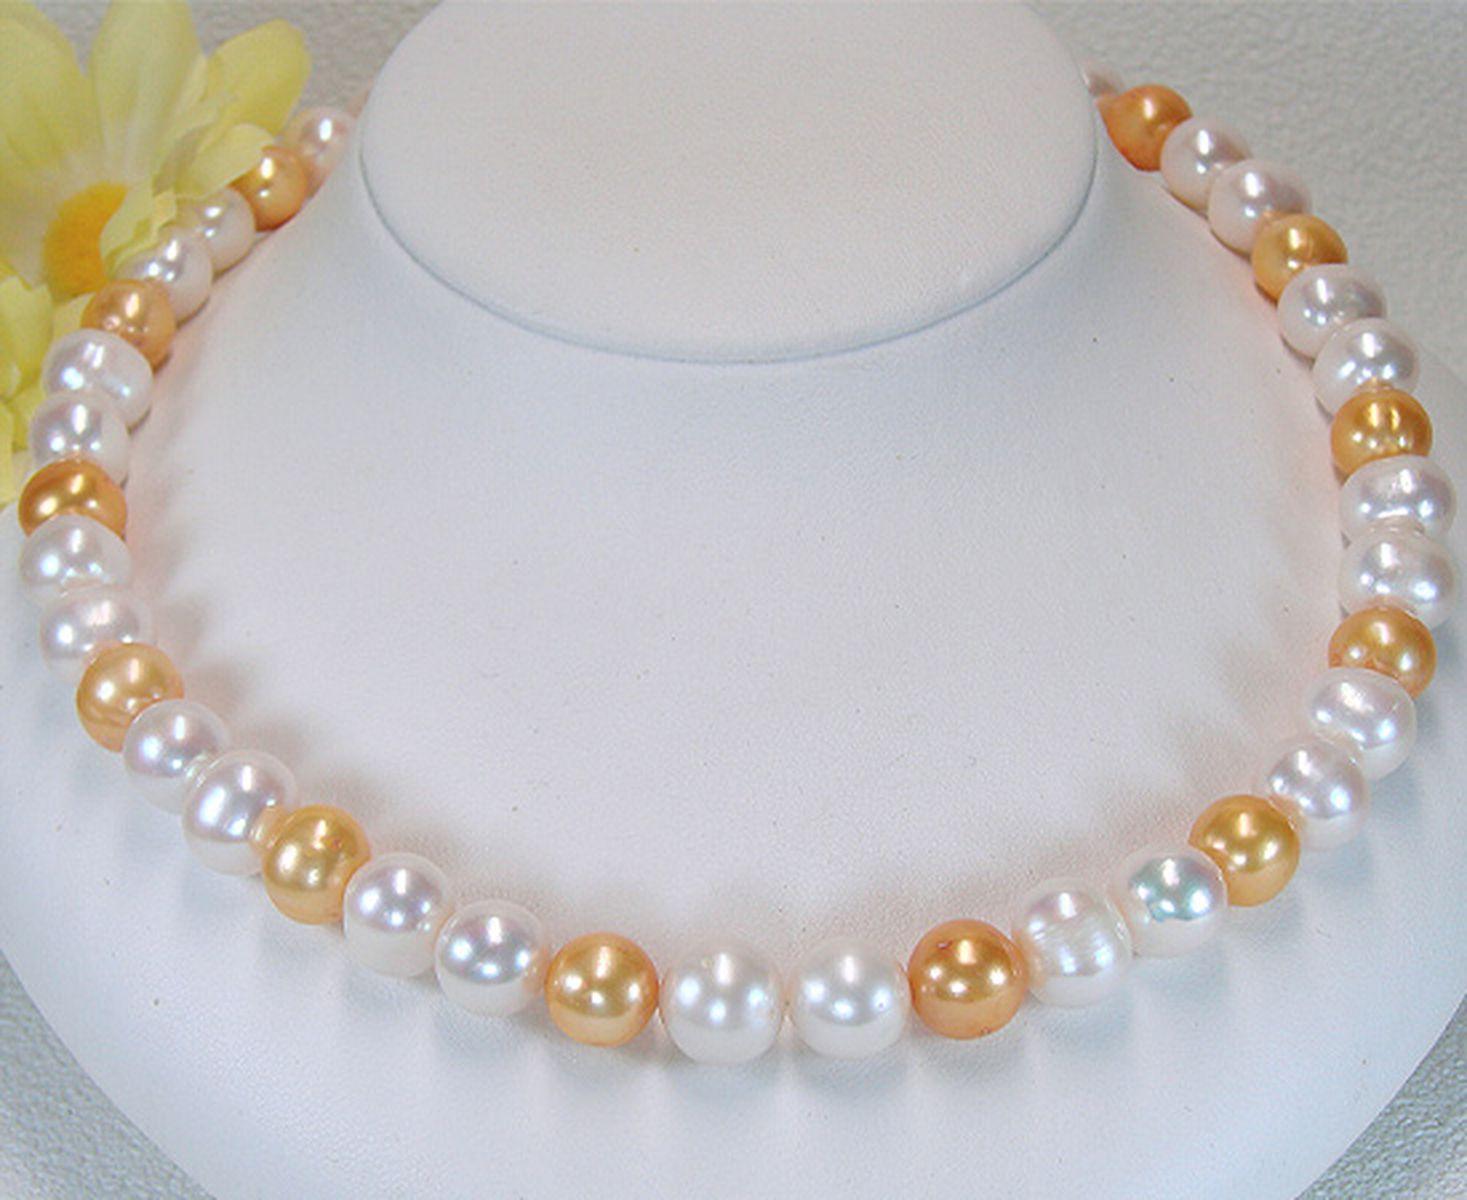 淡水真珠オリジナルデザインネックレス 約9.0-11.0mmの写真